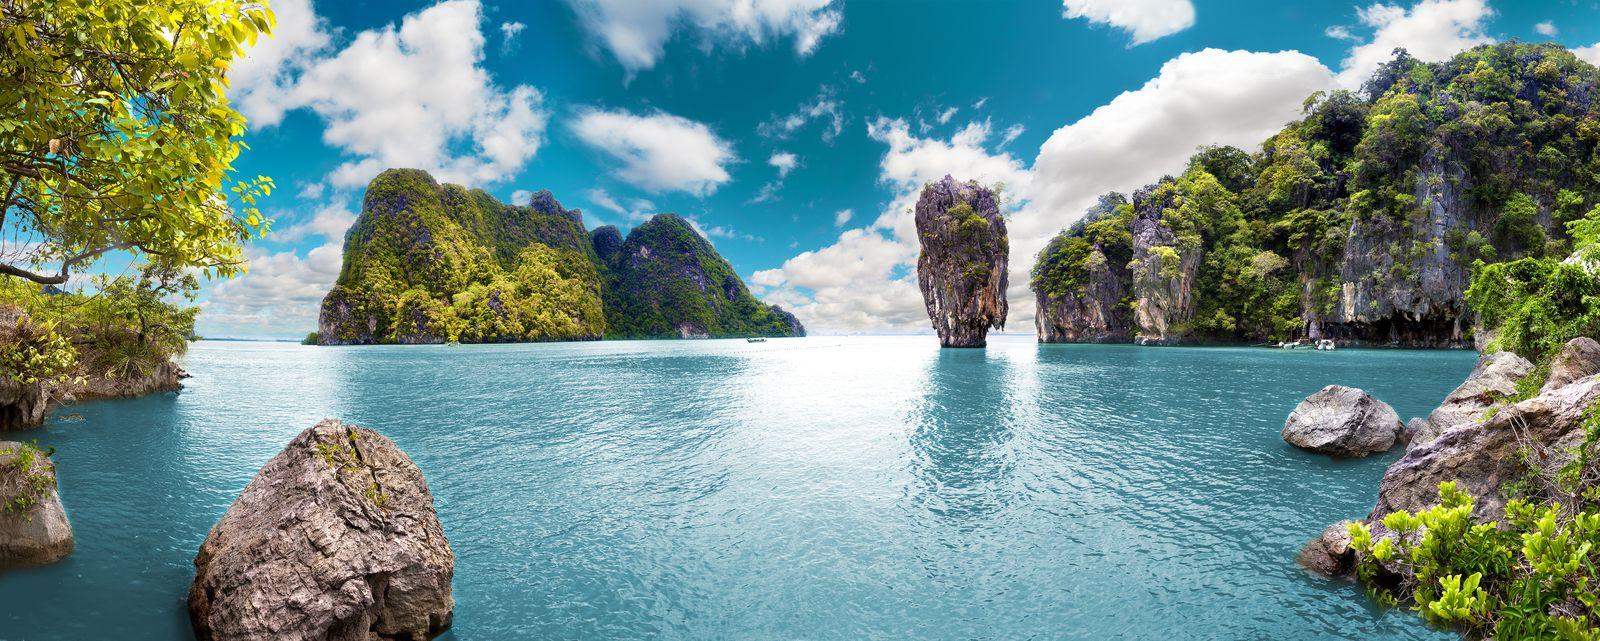 thailand kreuzfahrt gruppe segelt rn phuket dream asienreisen von asian dreams gmbh. Black Bedroom Furniture Sets. Home Design Ideas